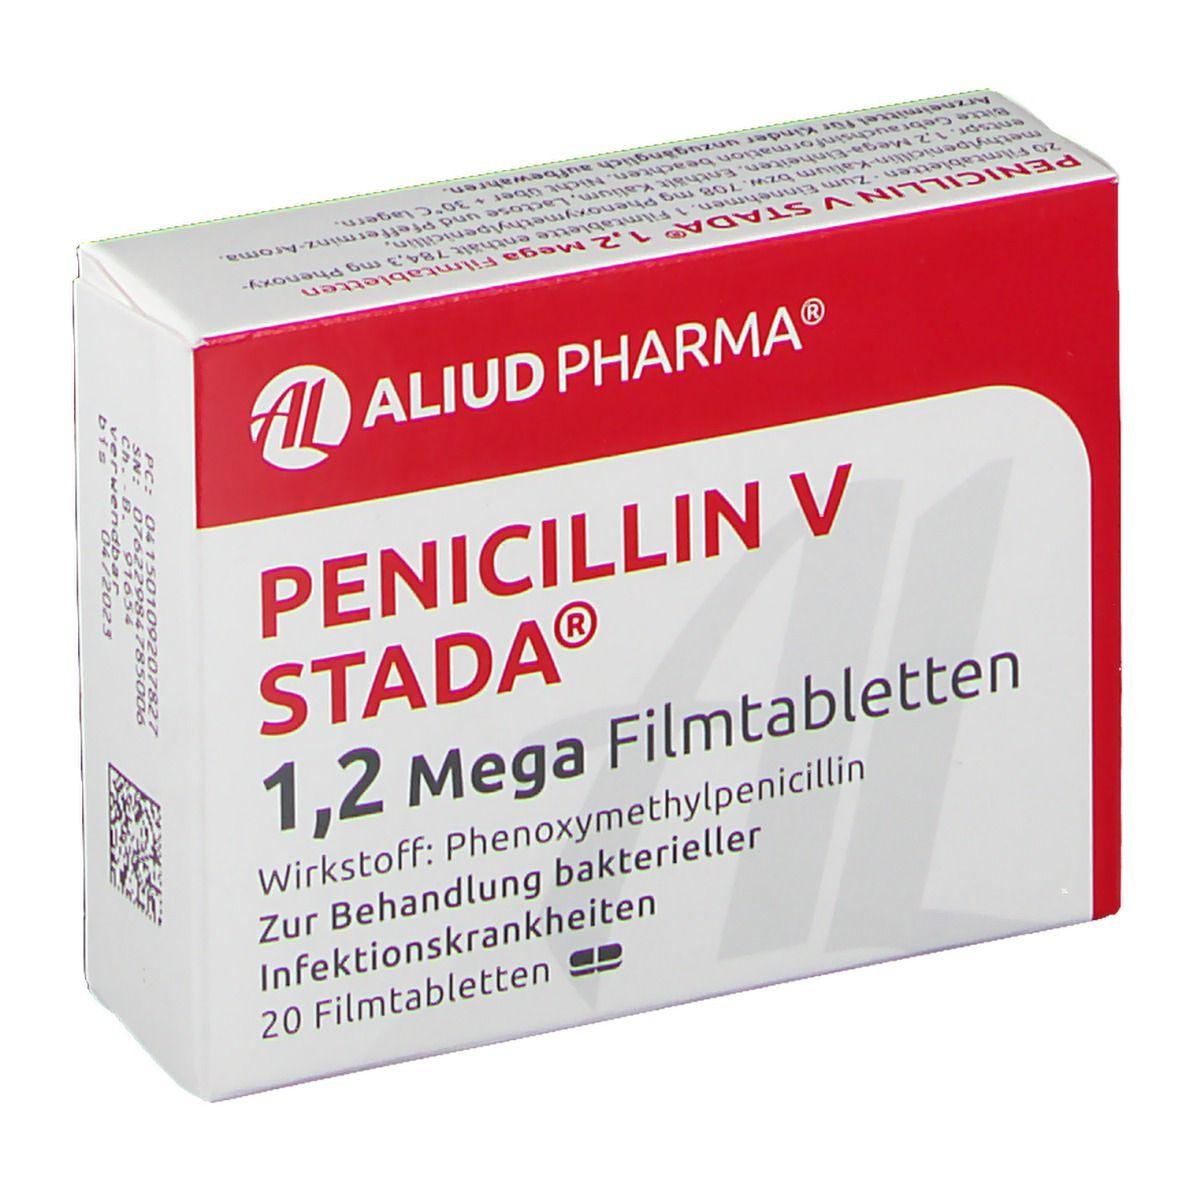 Penicillin V STADA® 1,2 Mega 20 St - shop-apotheke.com